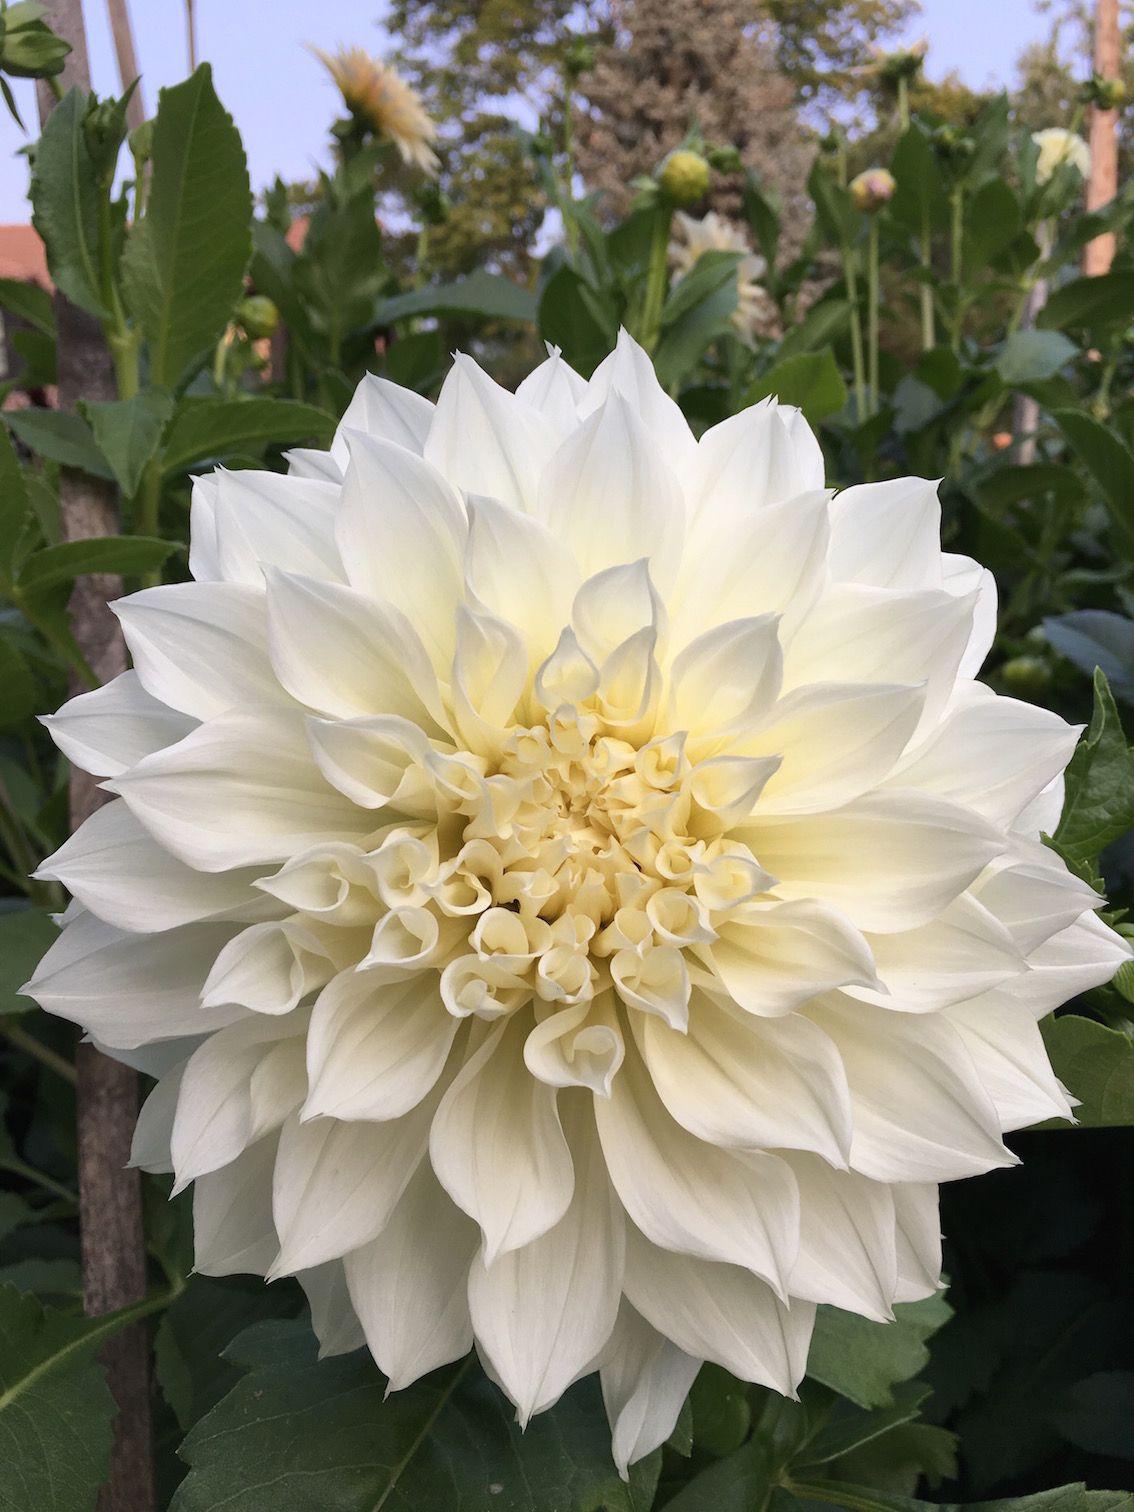 Dahlia Fleurel White Dinner Plate Dahlia I 3 Flowers